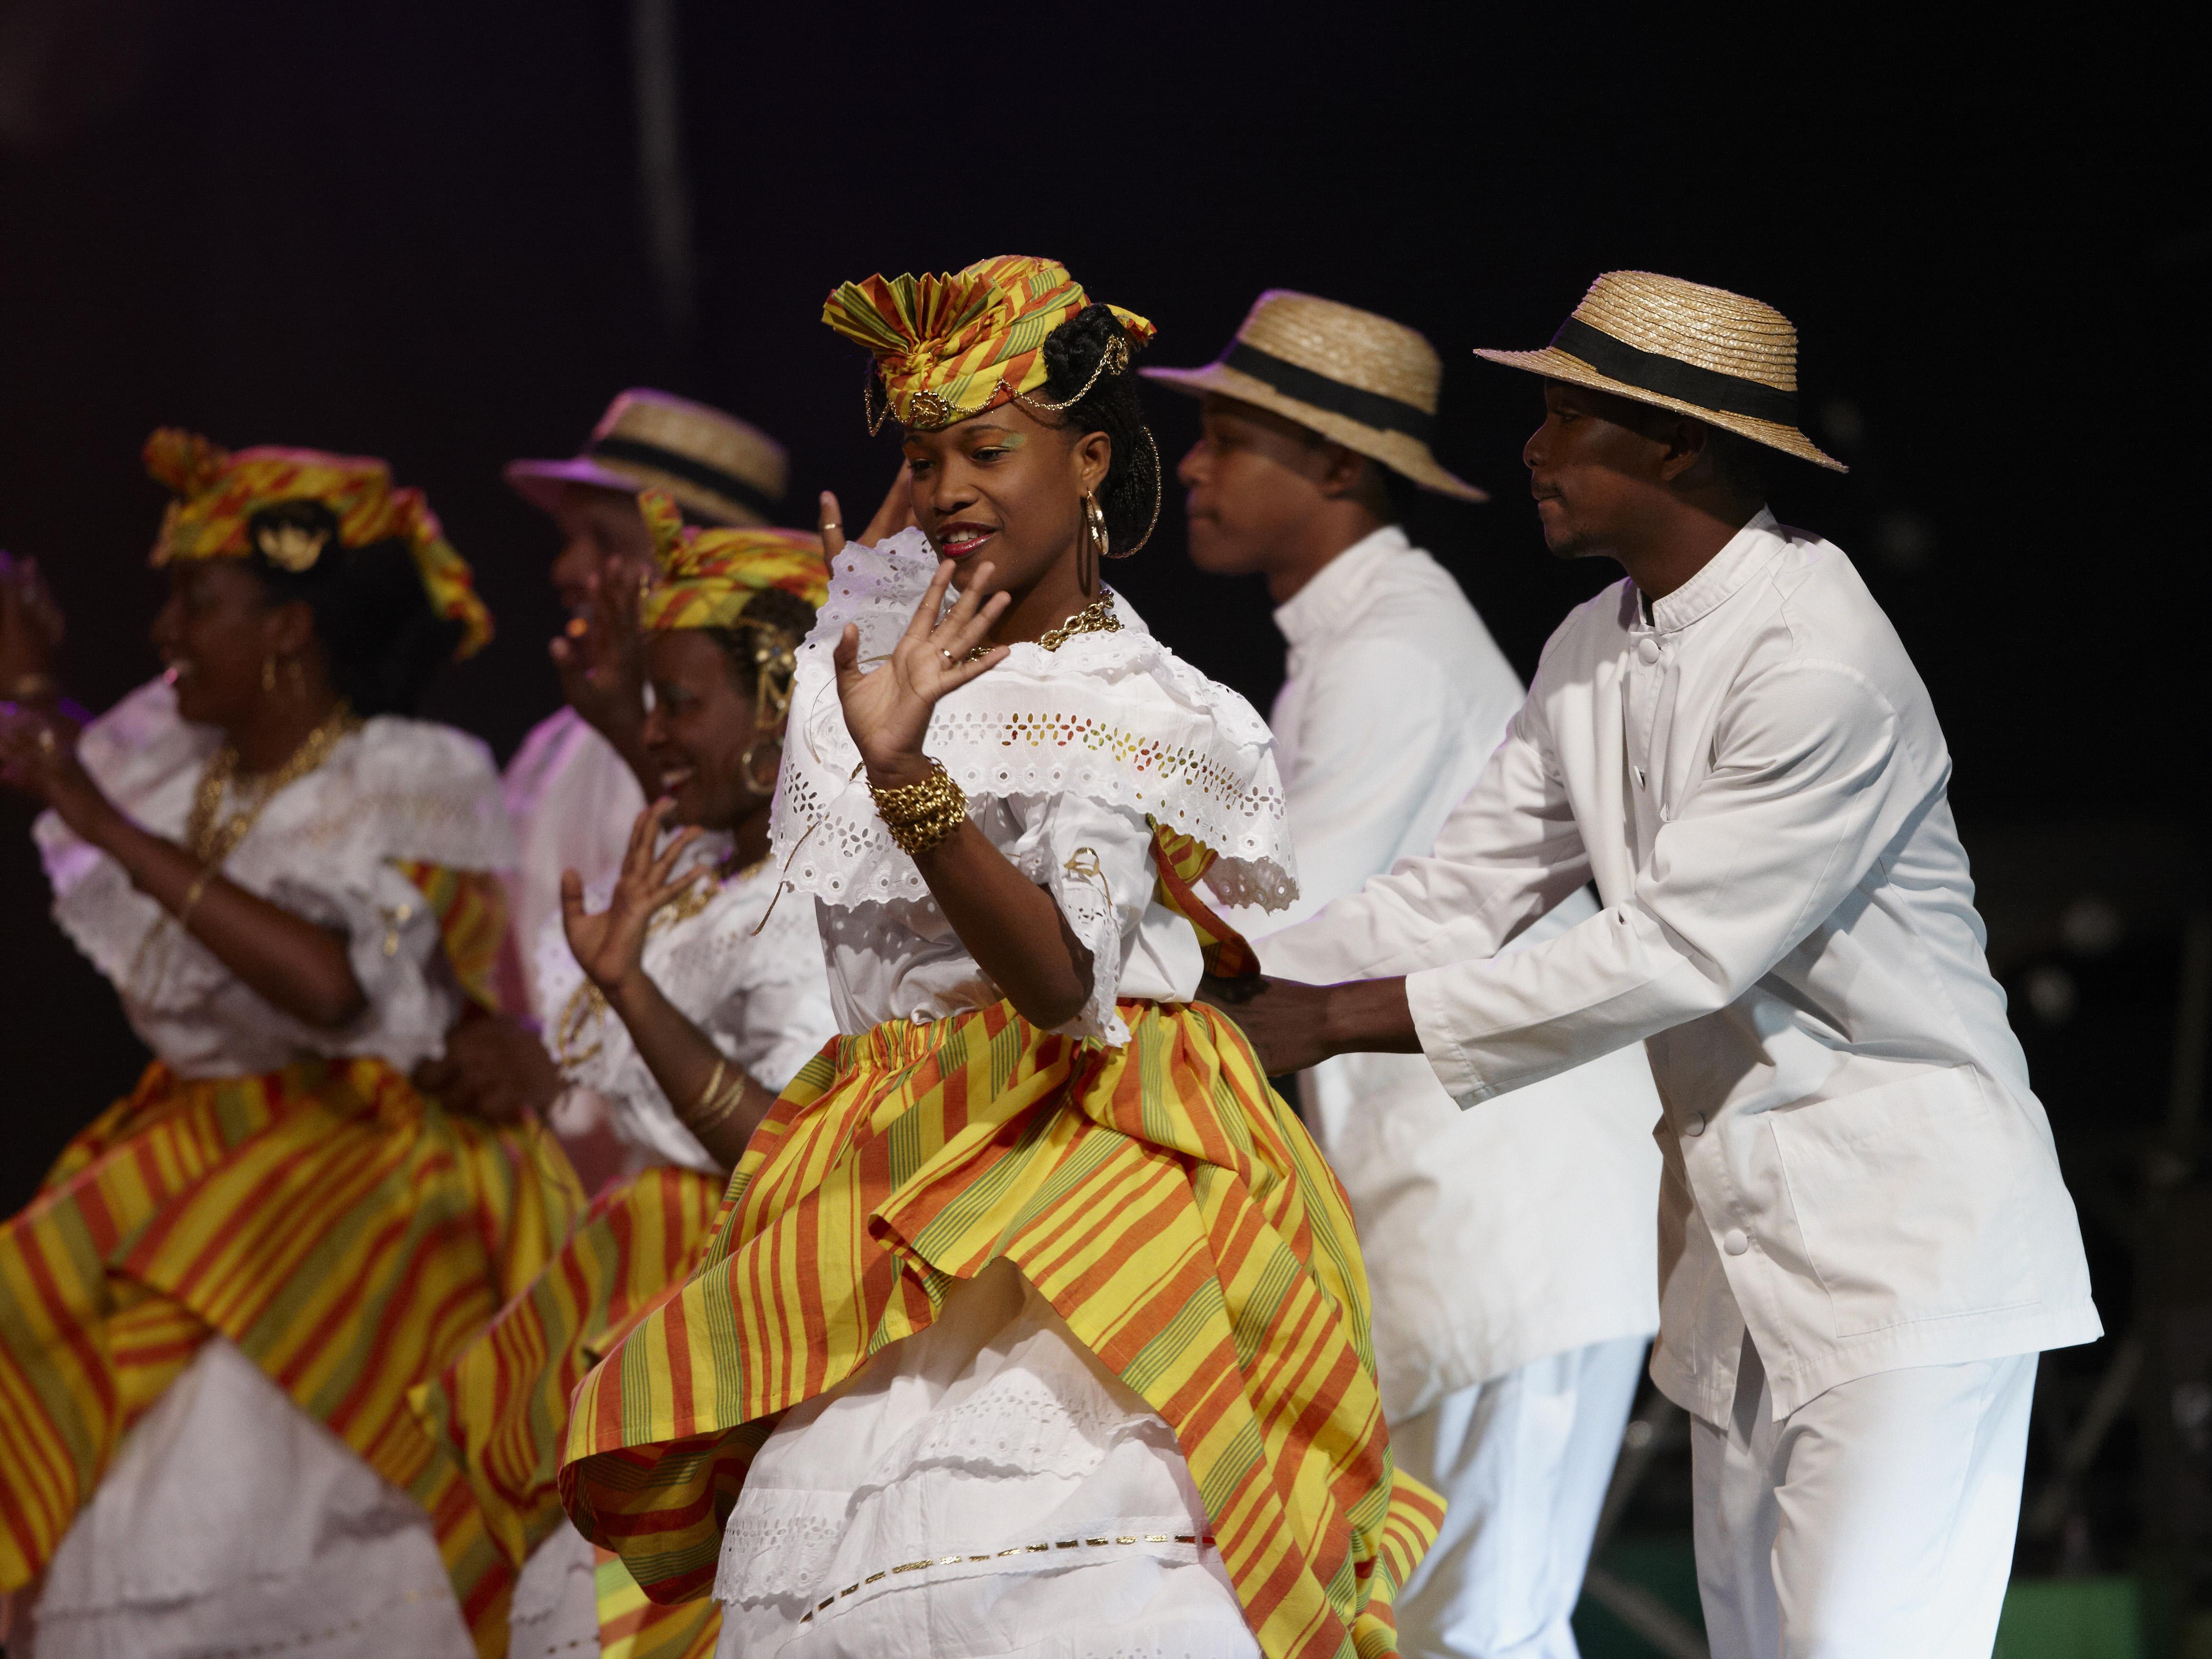 Tifermasc - Martinique